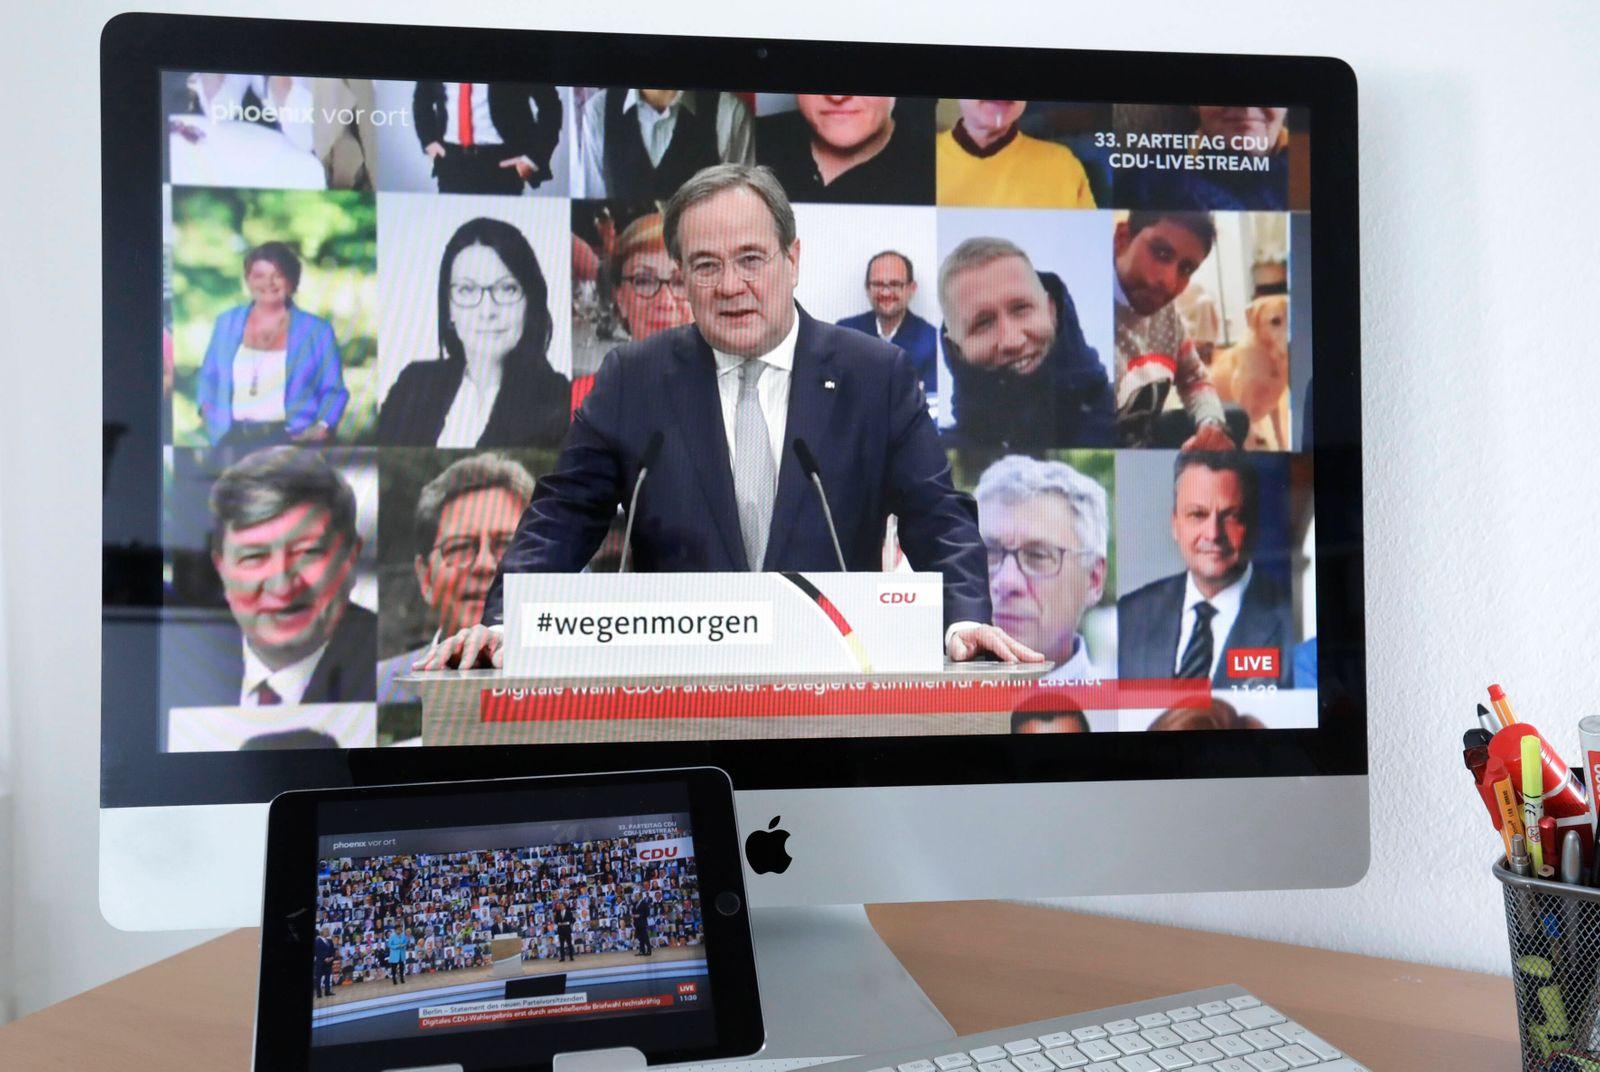 Armin Laschet, neuer Parteivorsitzender der CDU, 33. CDU-Parteitag im Livestream, DEU, Berlin, 16.01.2021 *** Armin Las